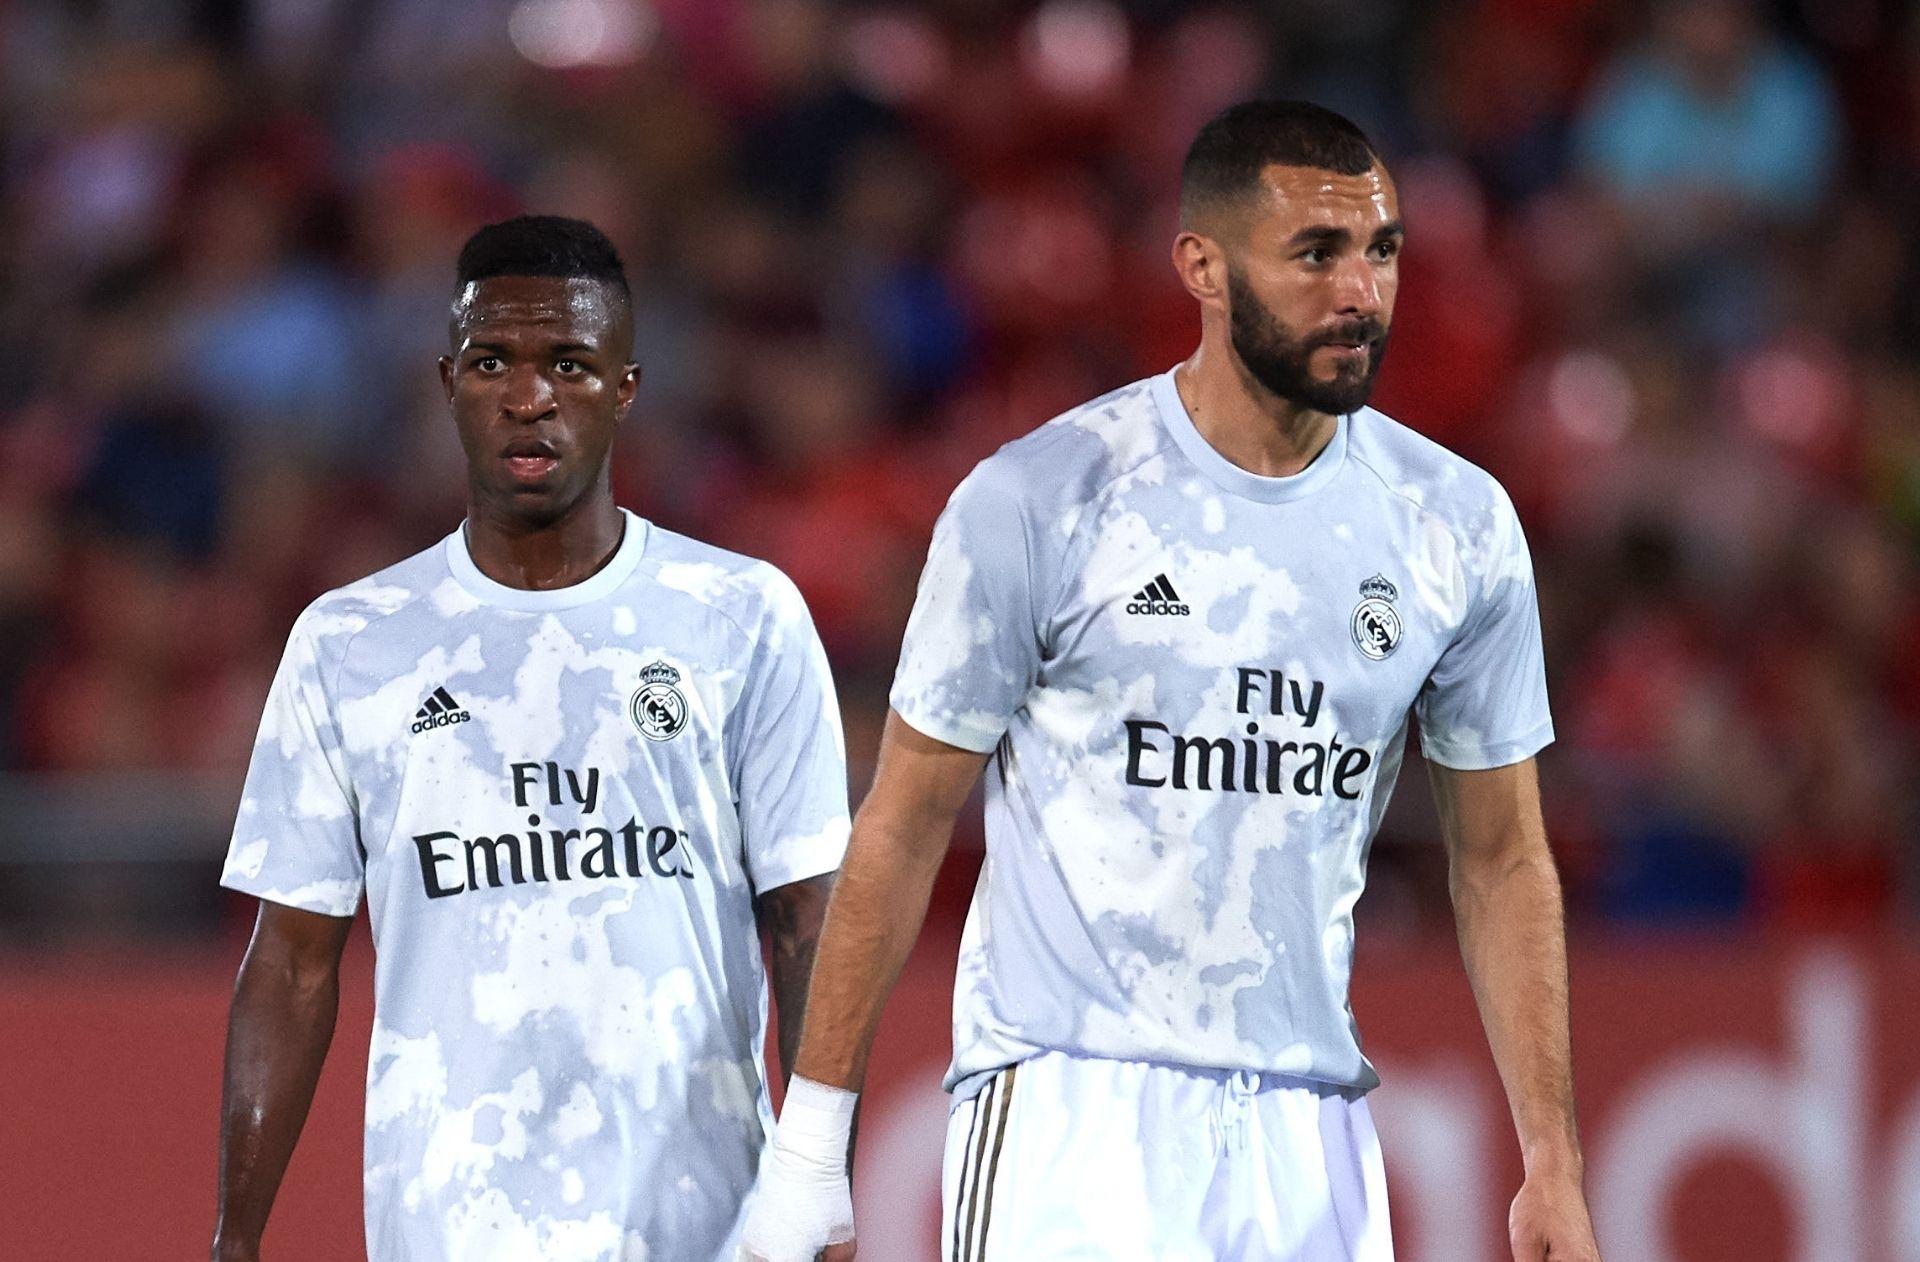 Vinicius Junior & Karim Benzema - Real Madrid